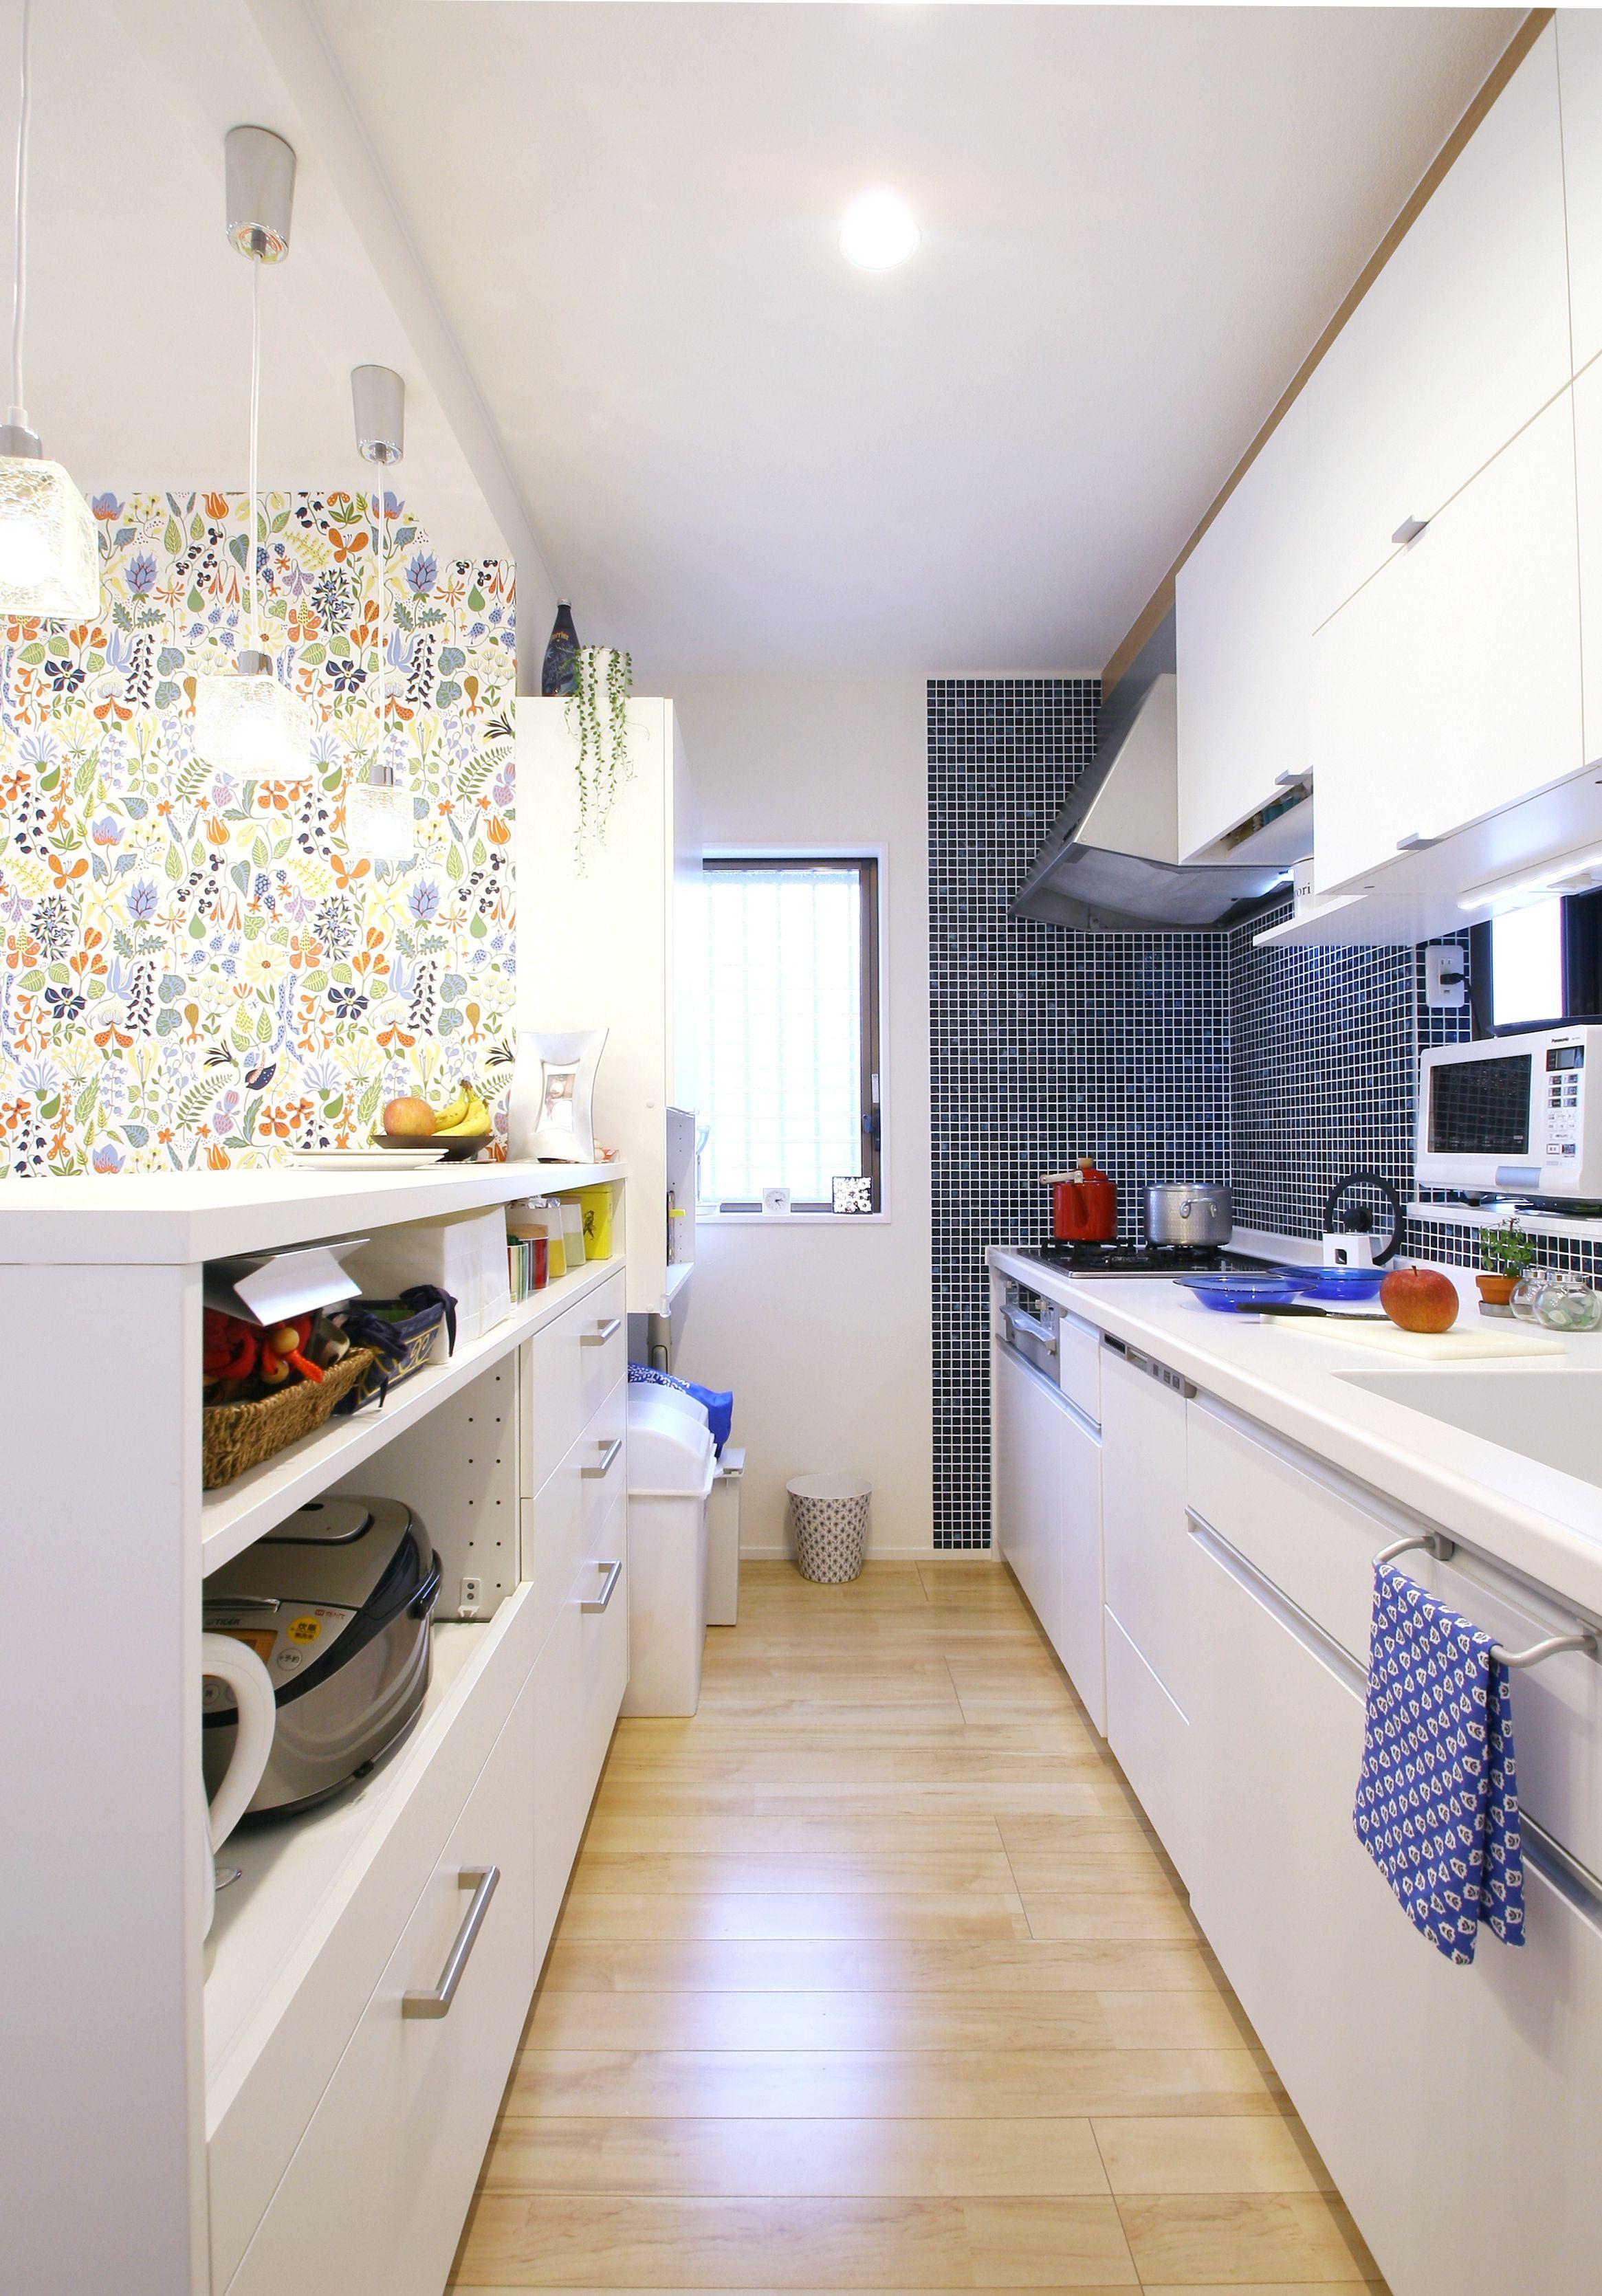 Nett Traumküchen Madison Wi Ideen - Küchen Design Ideen ...